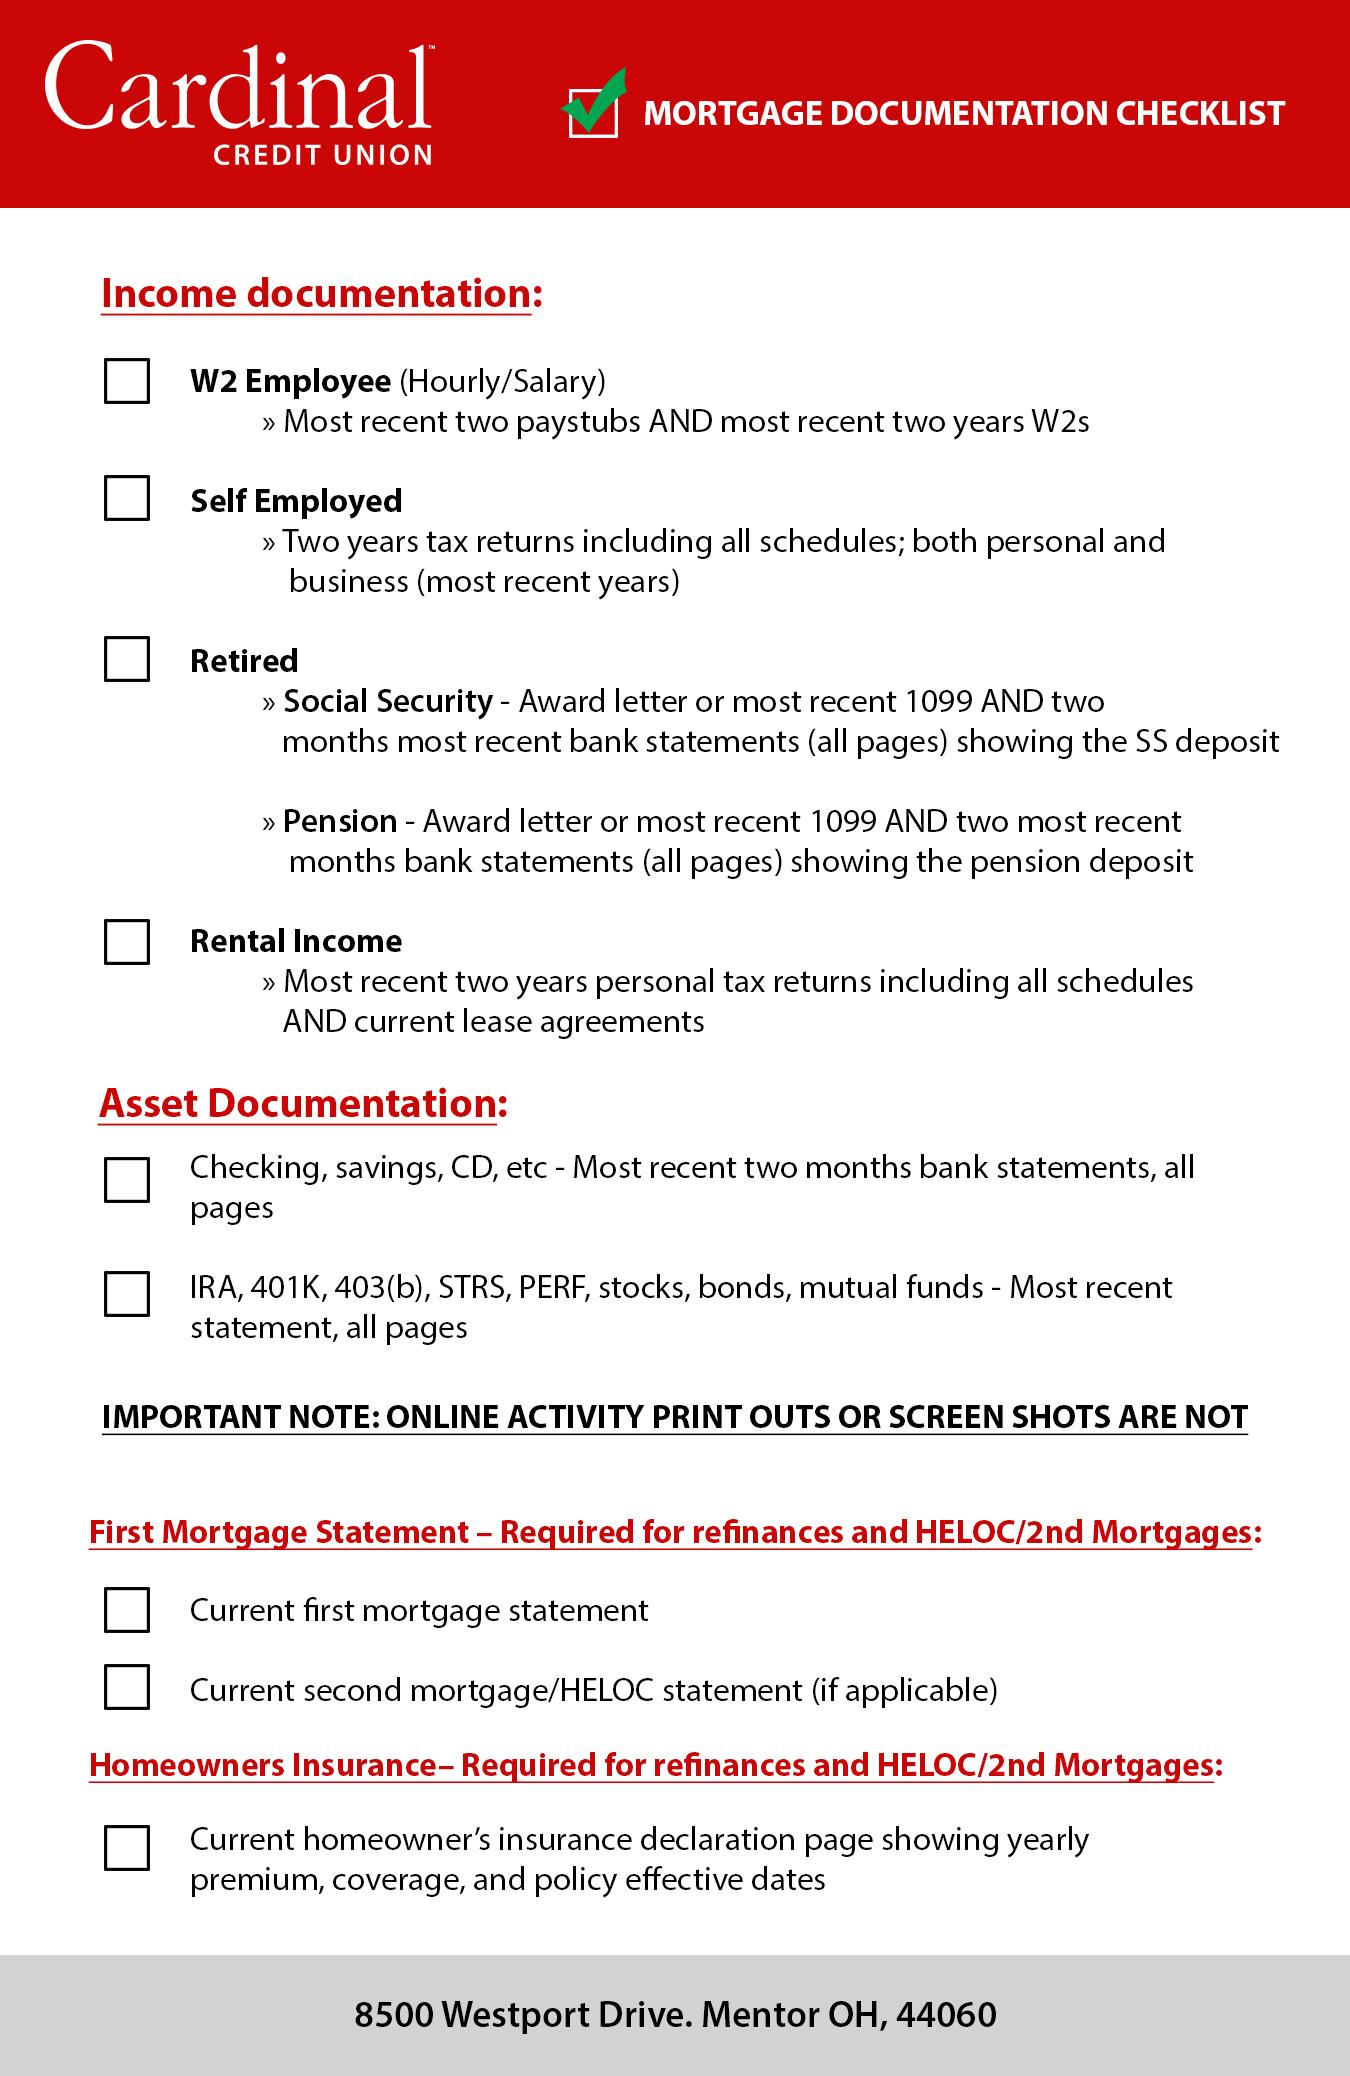 Mortgage documentation checklist